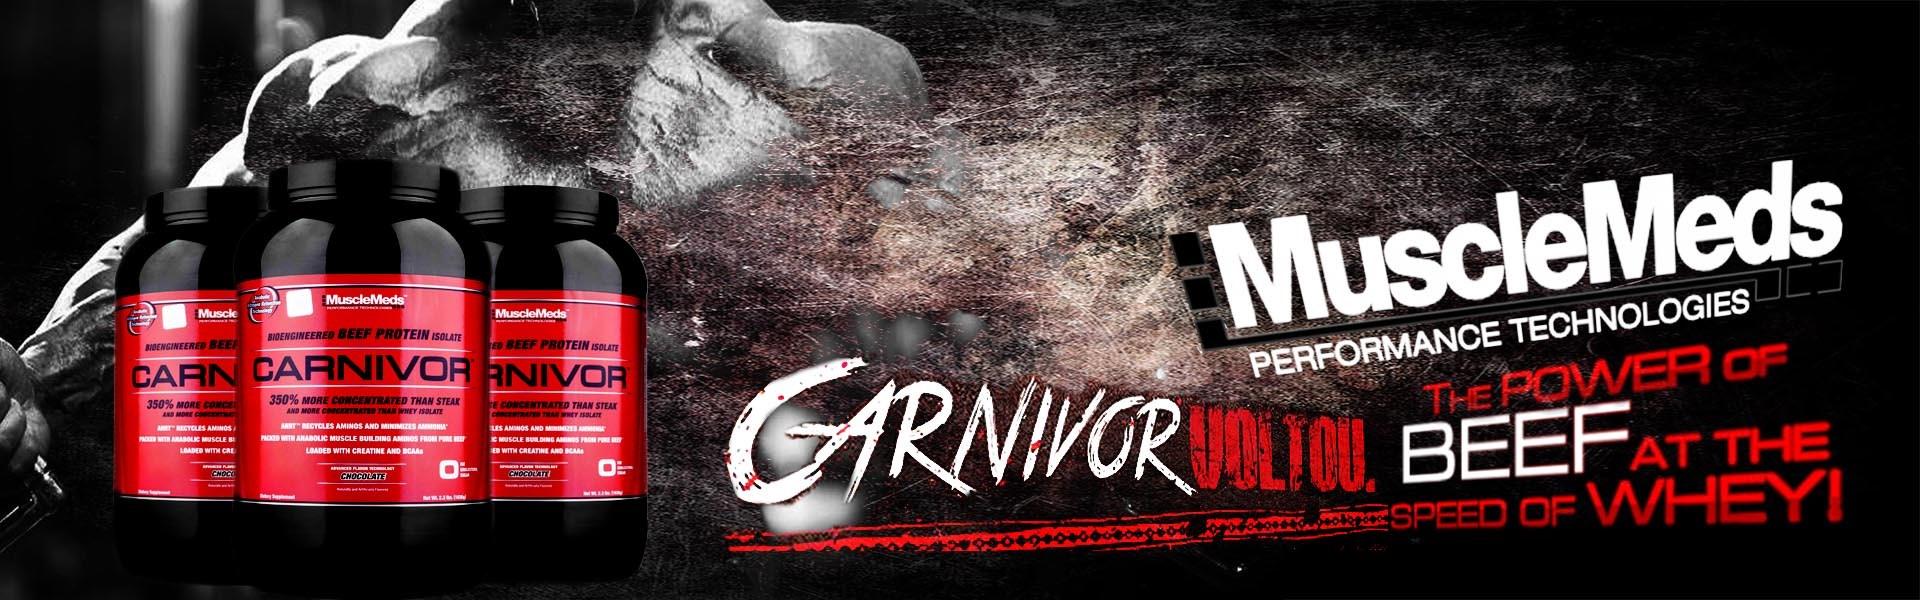 MuscleMeds Carnivor купить в Москве